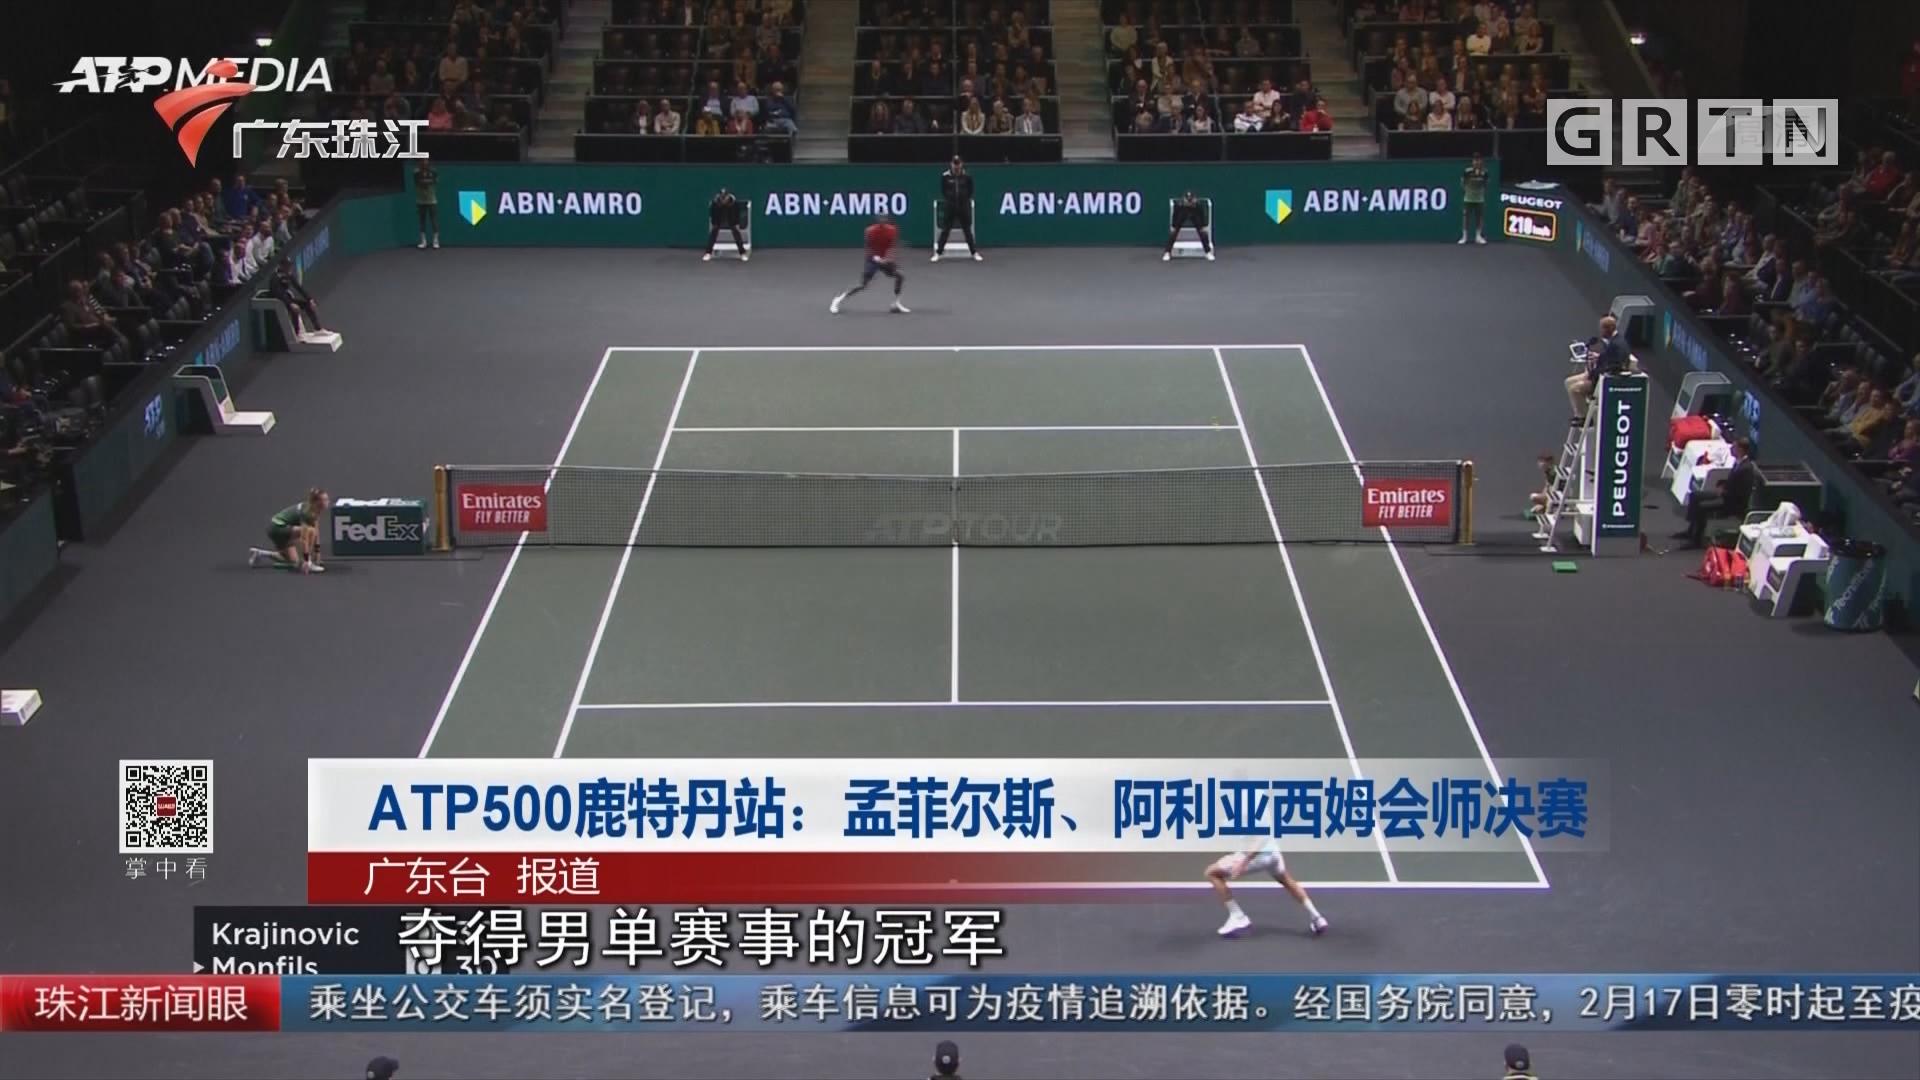 ATP500鹿特丹站:孟菲尔斯、阿利亚西姆会师决赛